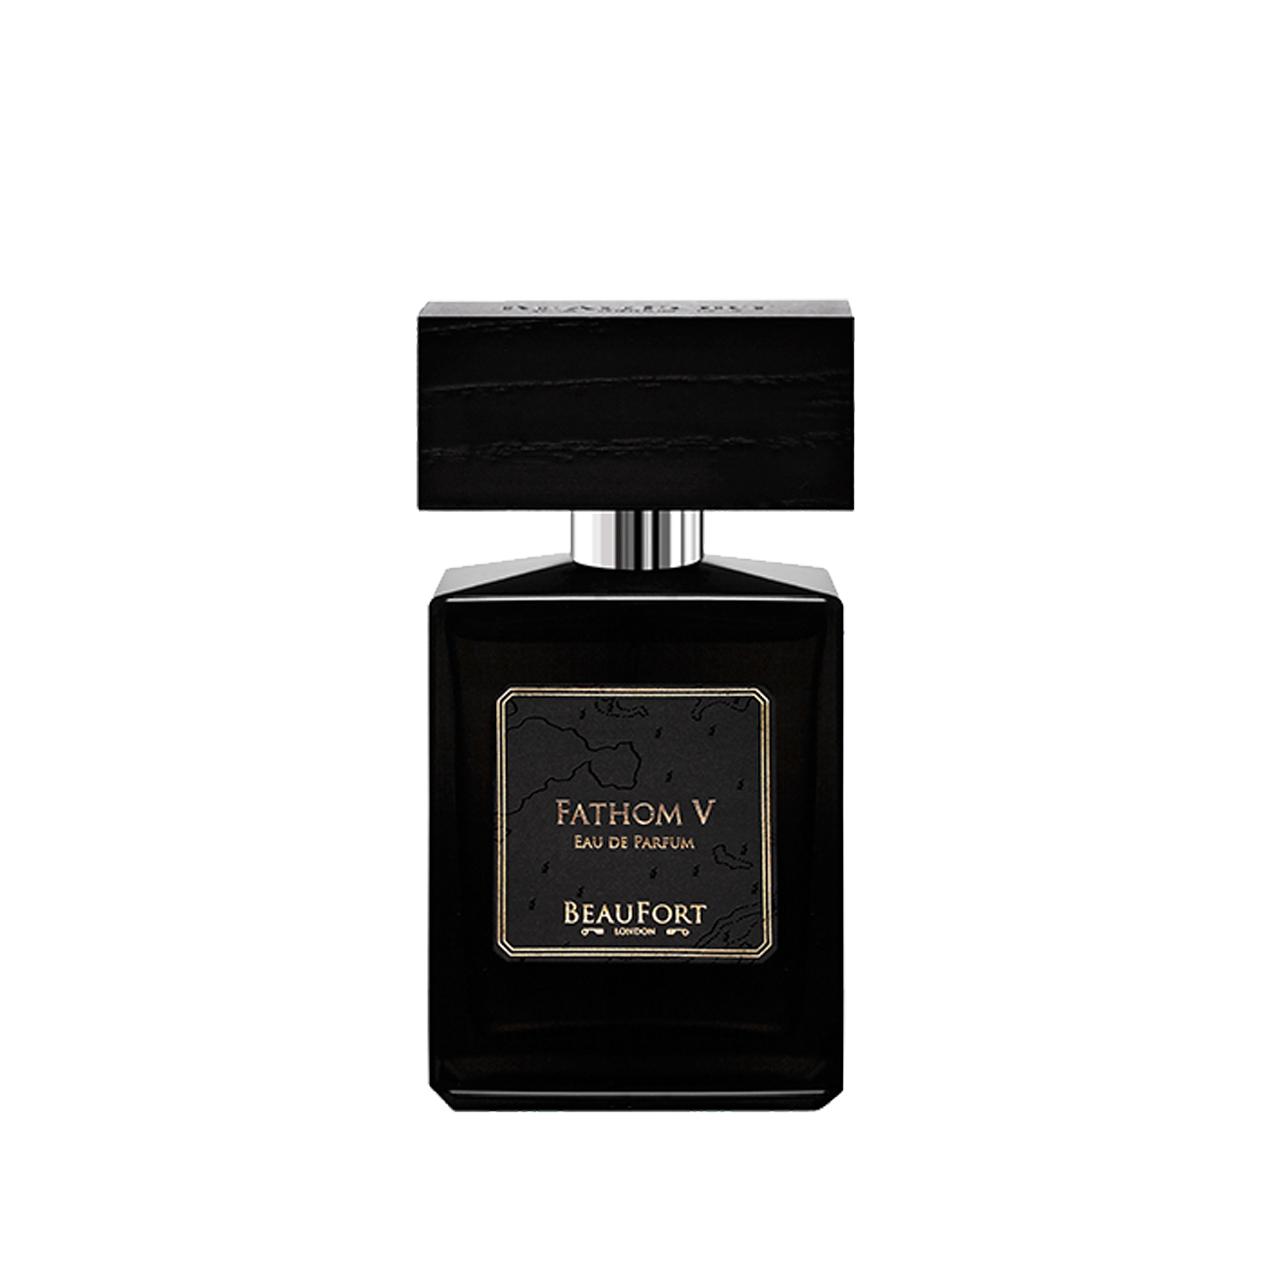 Fathom V - Eau de Parfum